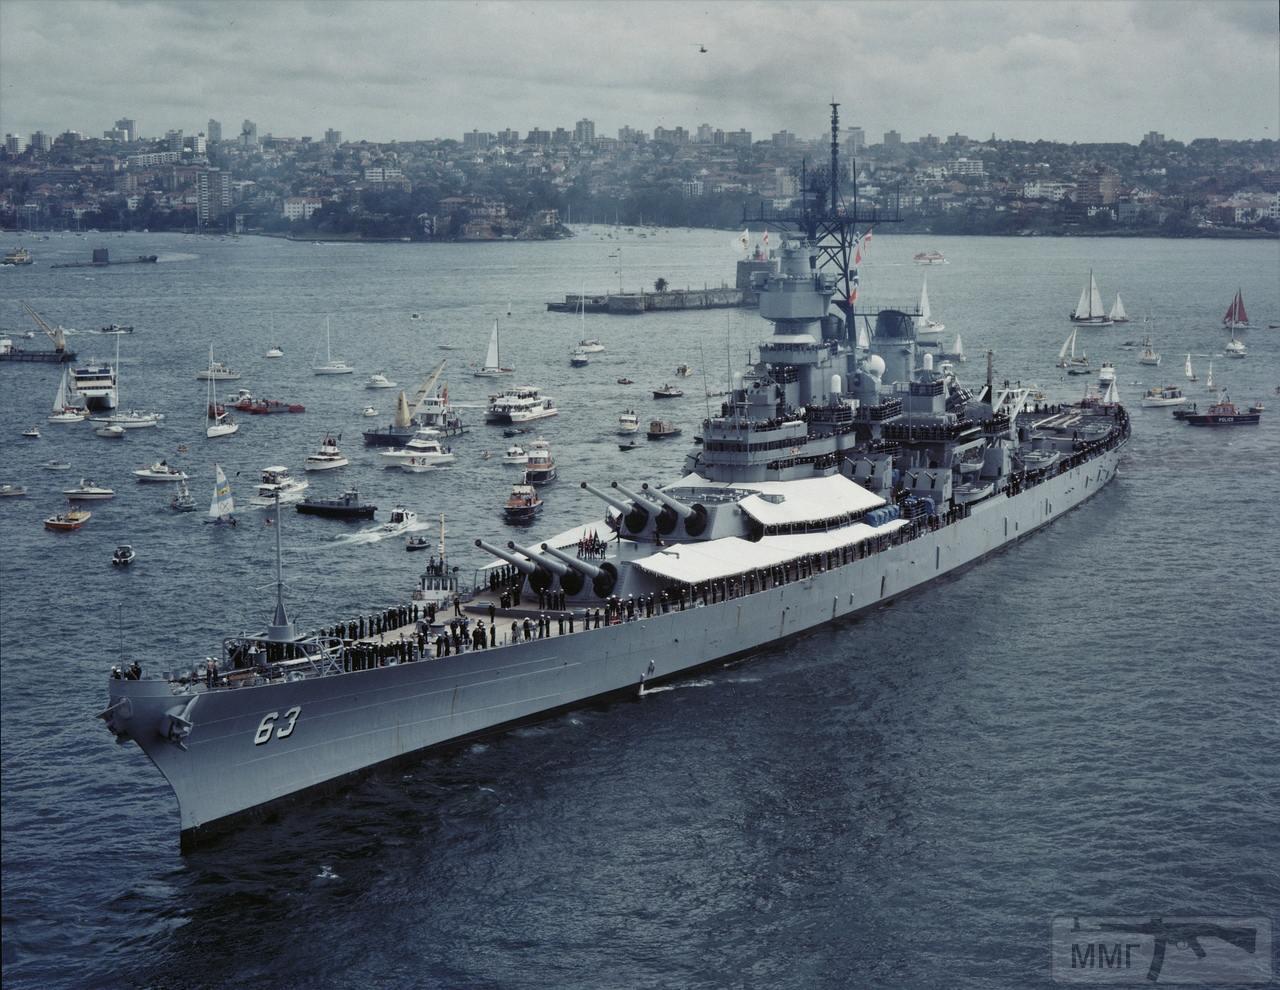 102841 - USS Missouri (BB-63)